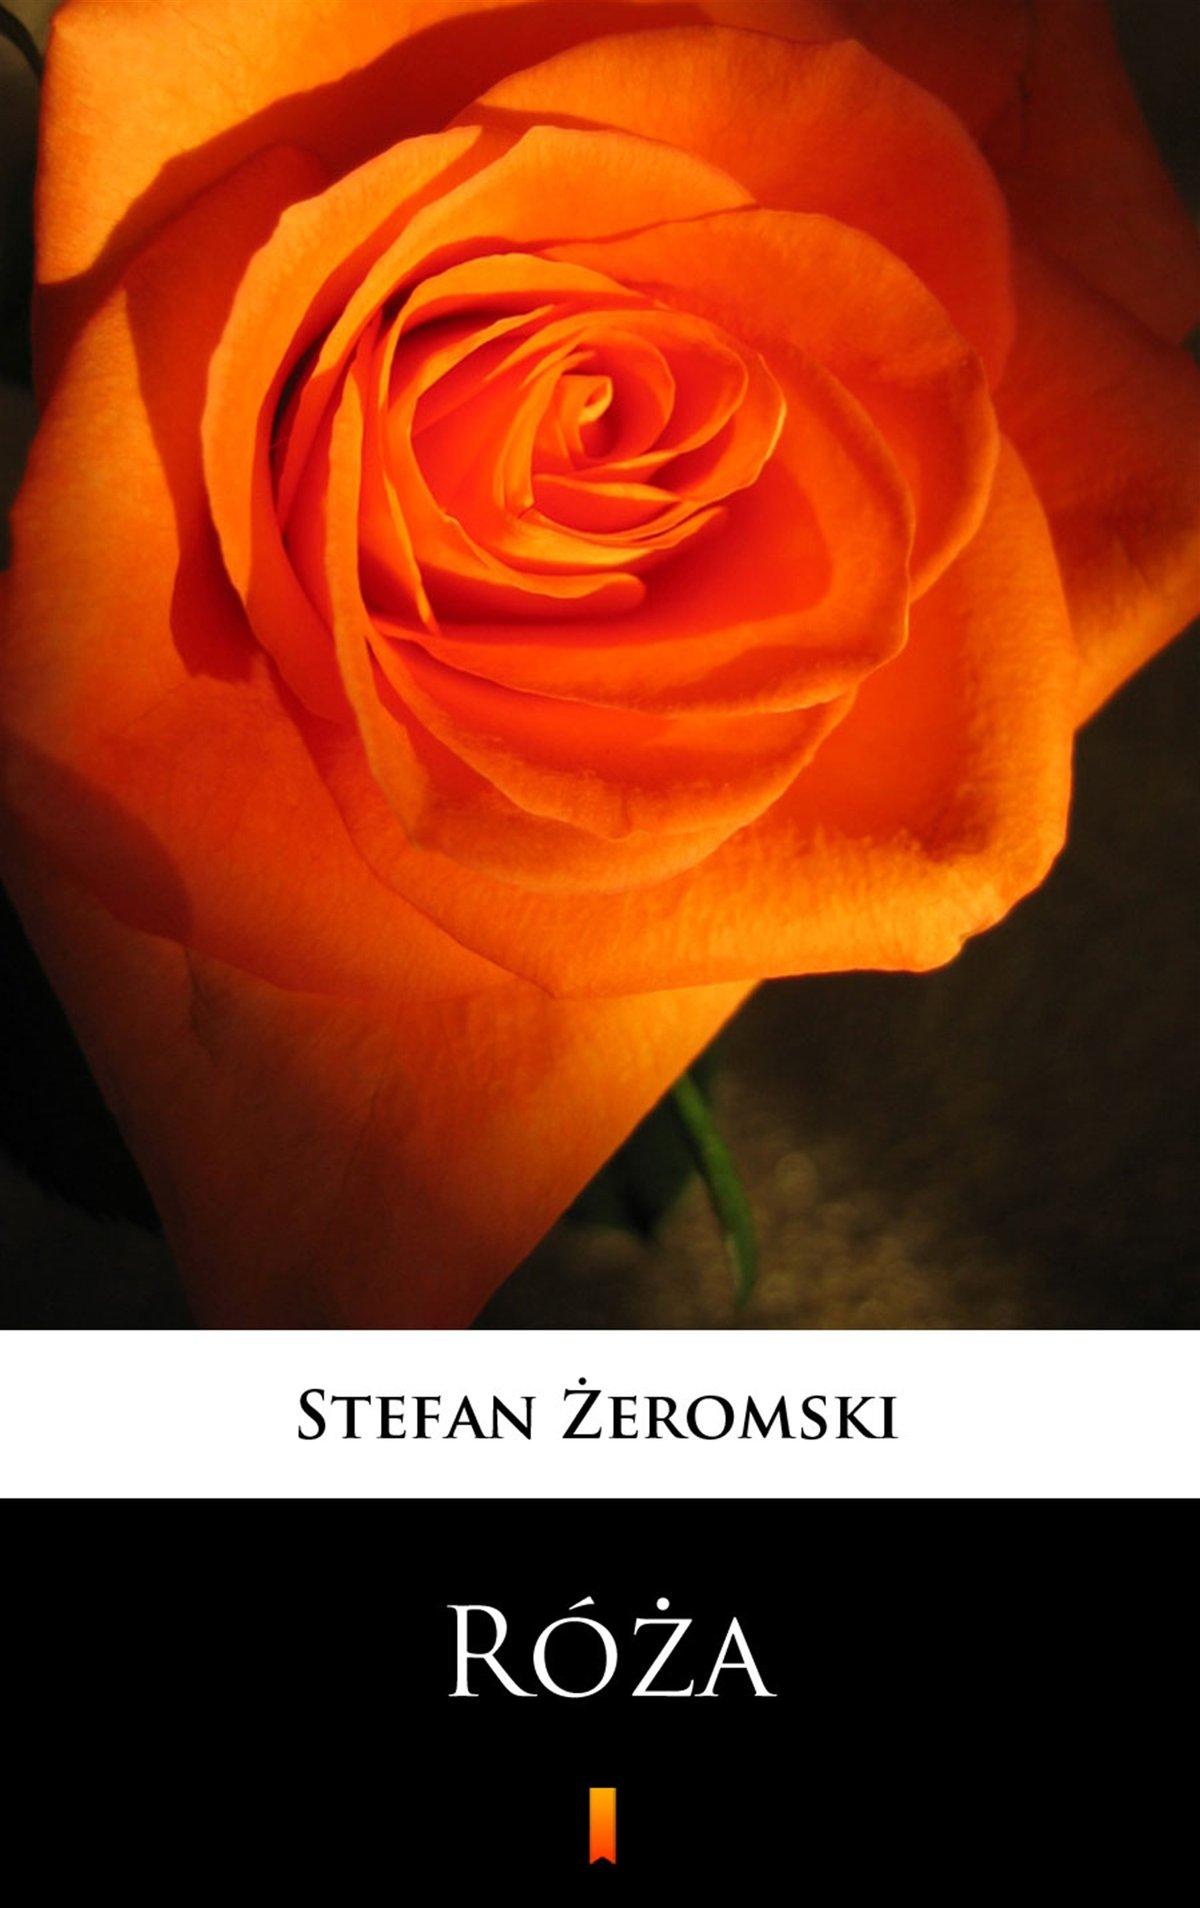 Róża - Ebook (Książka EPUB) do pobrania w formacie EPUB